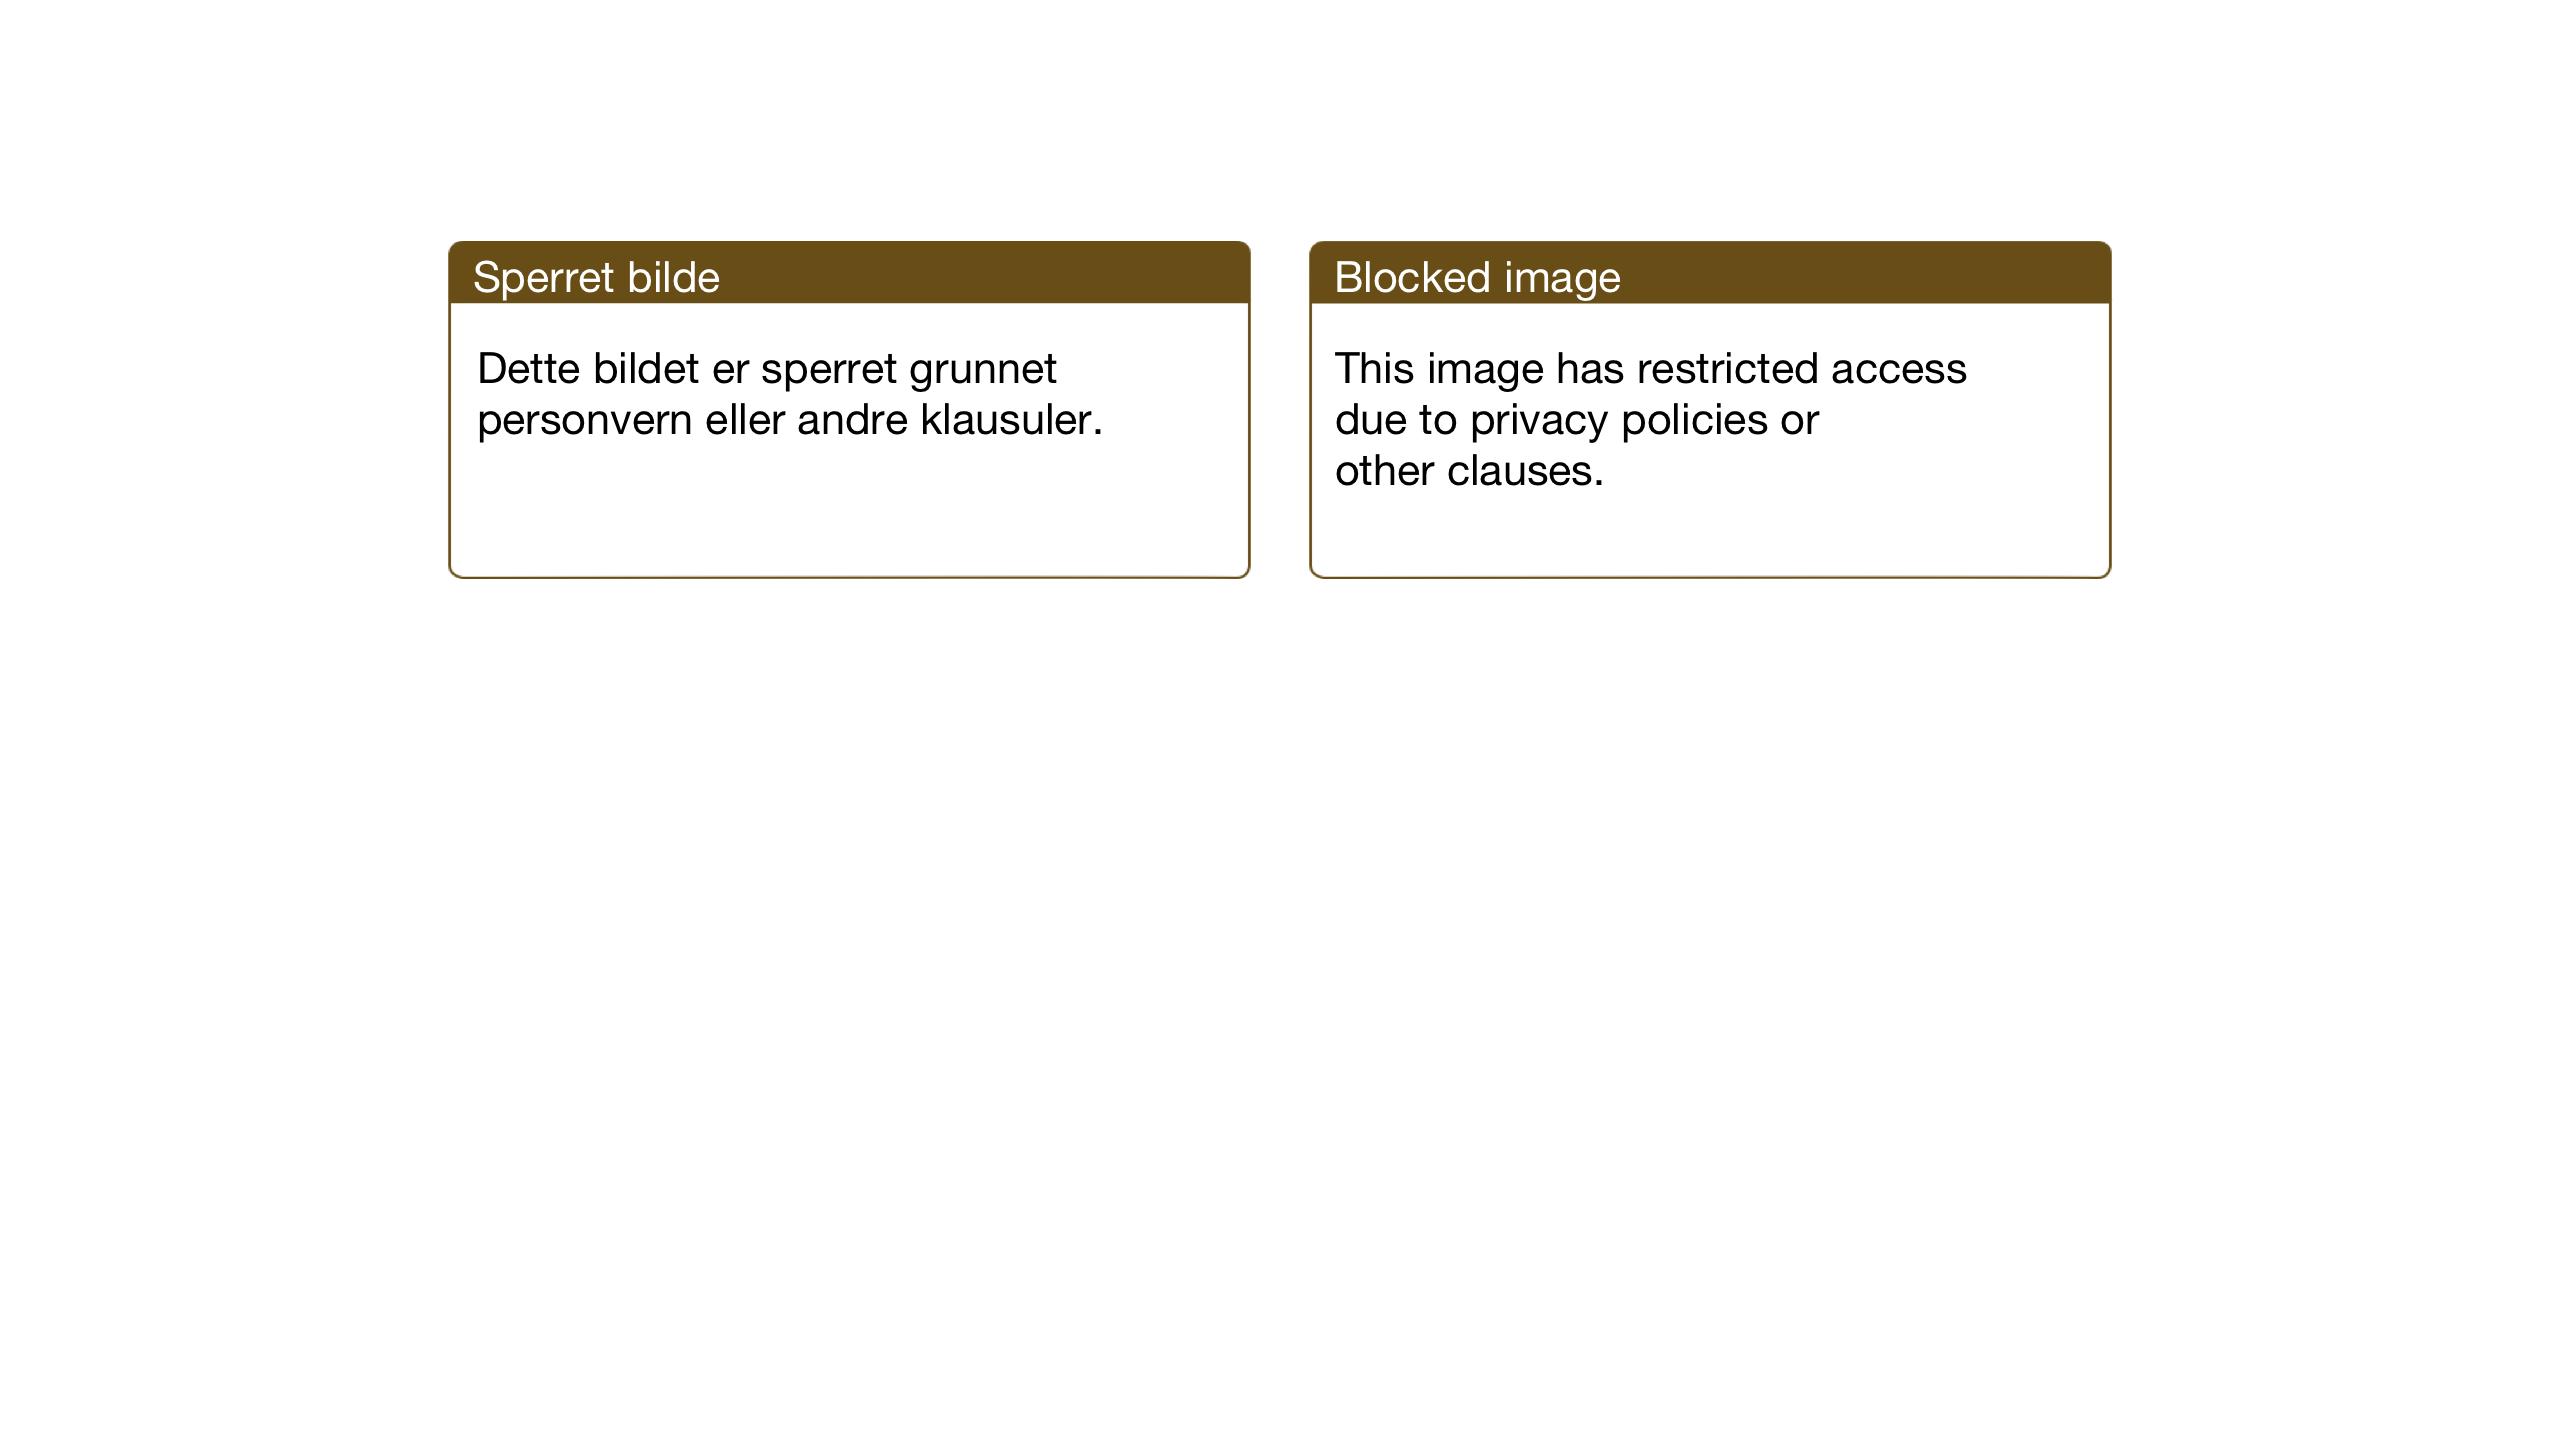 SAT, Ministerialprotokoller, klokkerbøker og fødselsregistre - Sør-Trøndelag, 655/L0690: Klokkerbok nr. 655C06, 1937-1950, s. 95